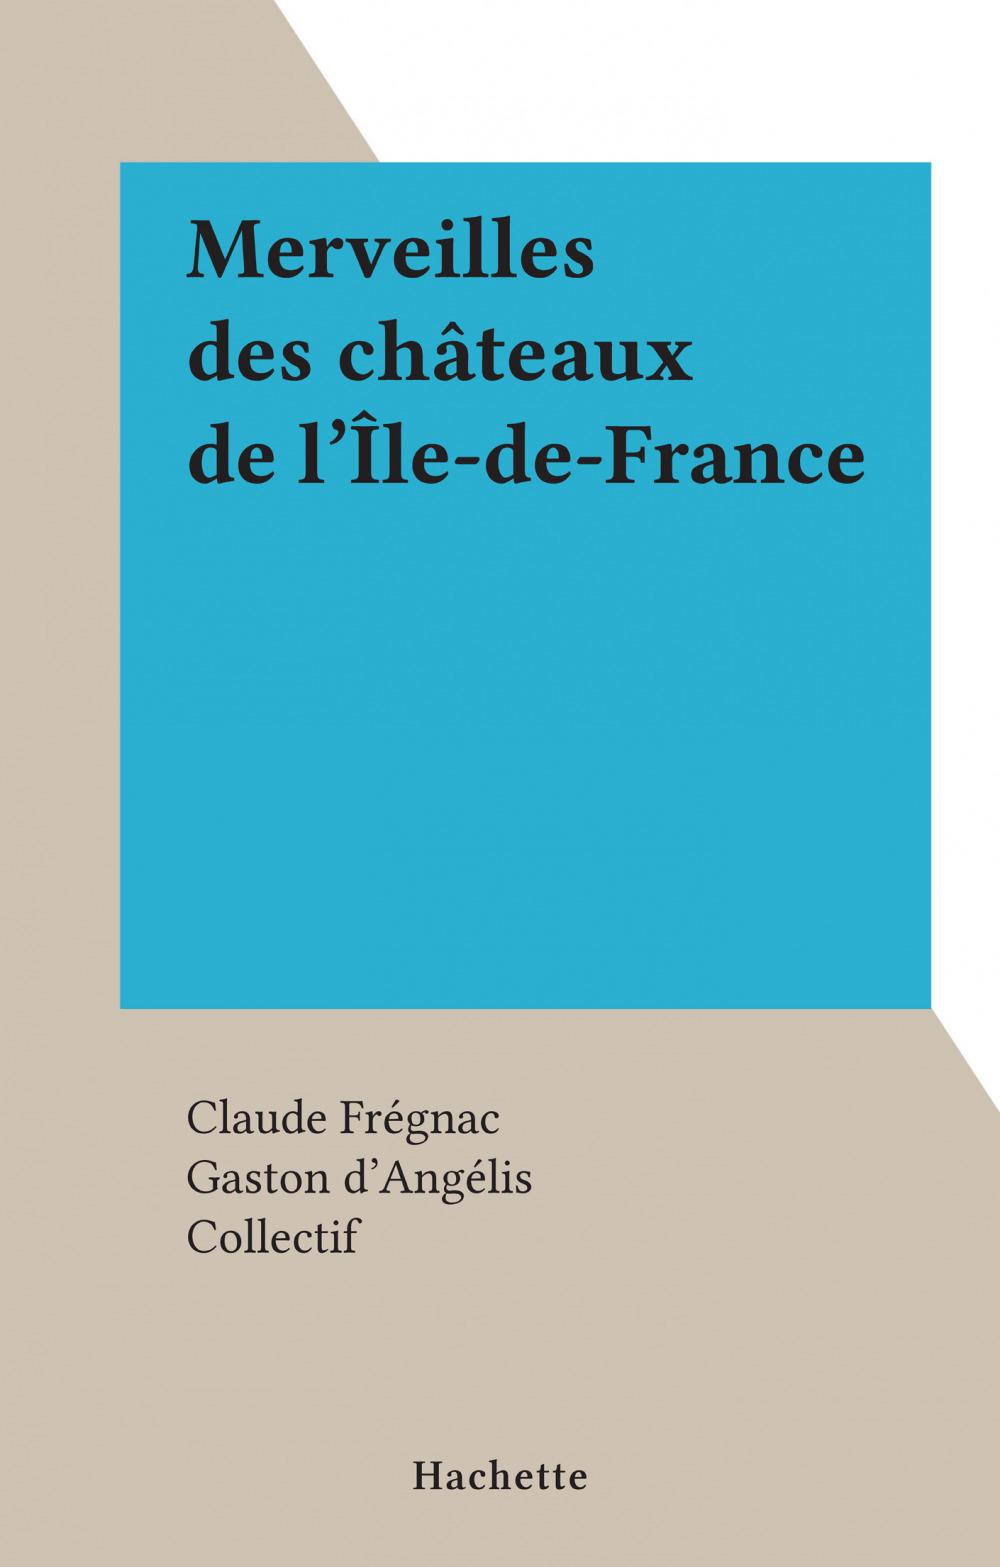 Merveilles des châteaux de l'Île-de-France